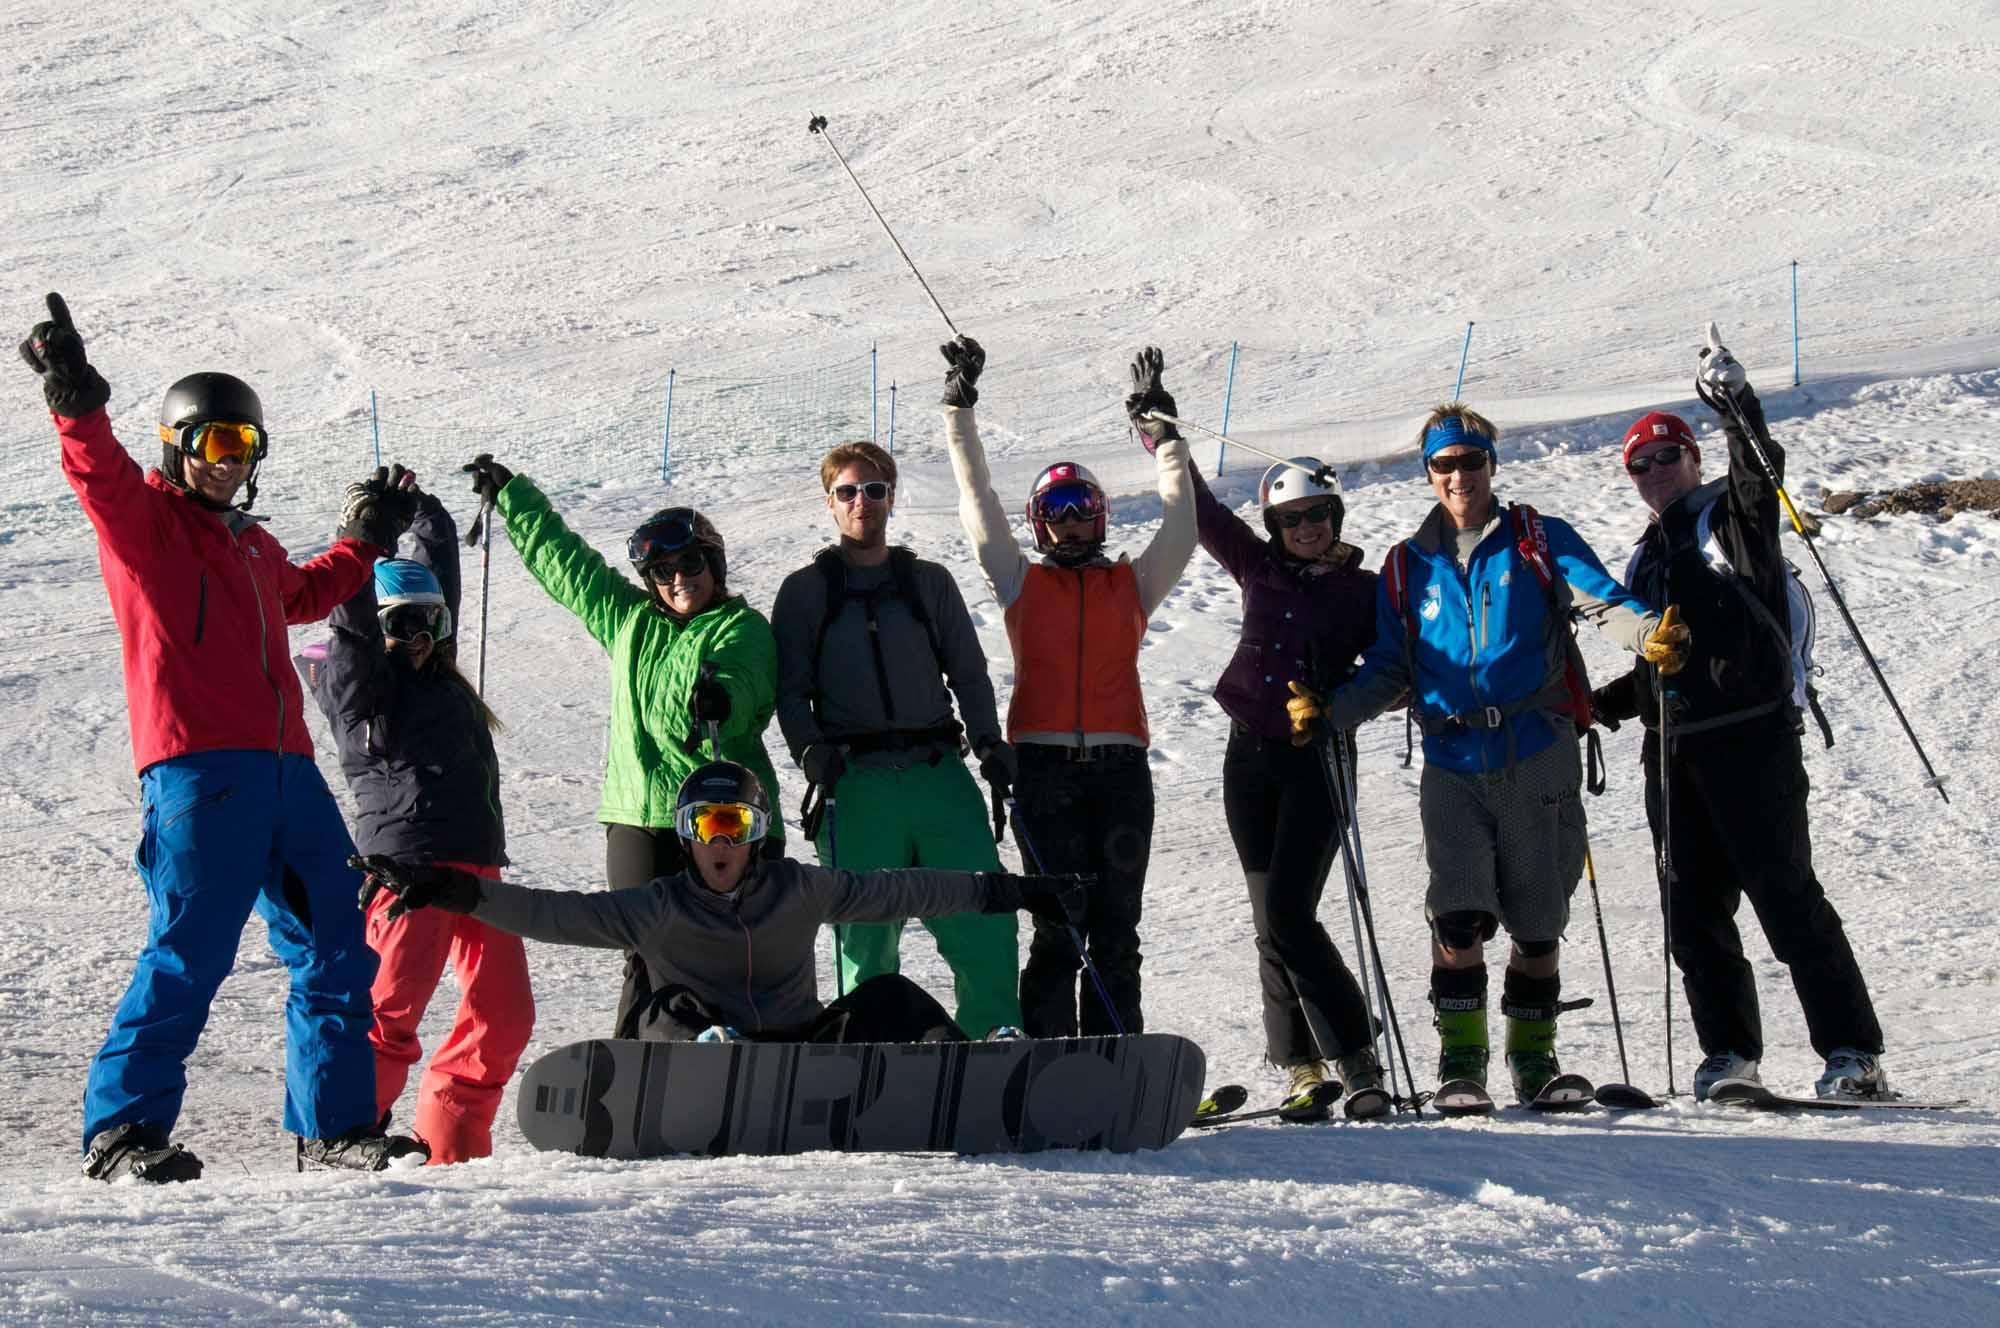 Ski-Portillo-Chile-6.jpg